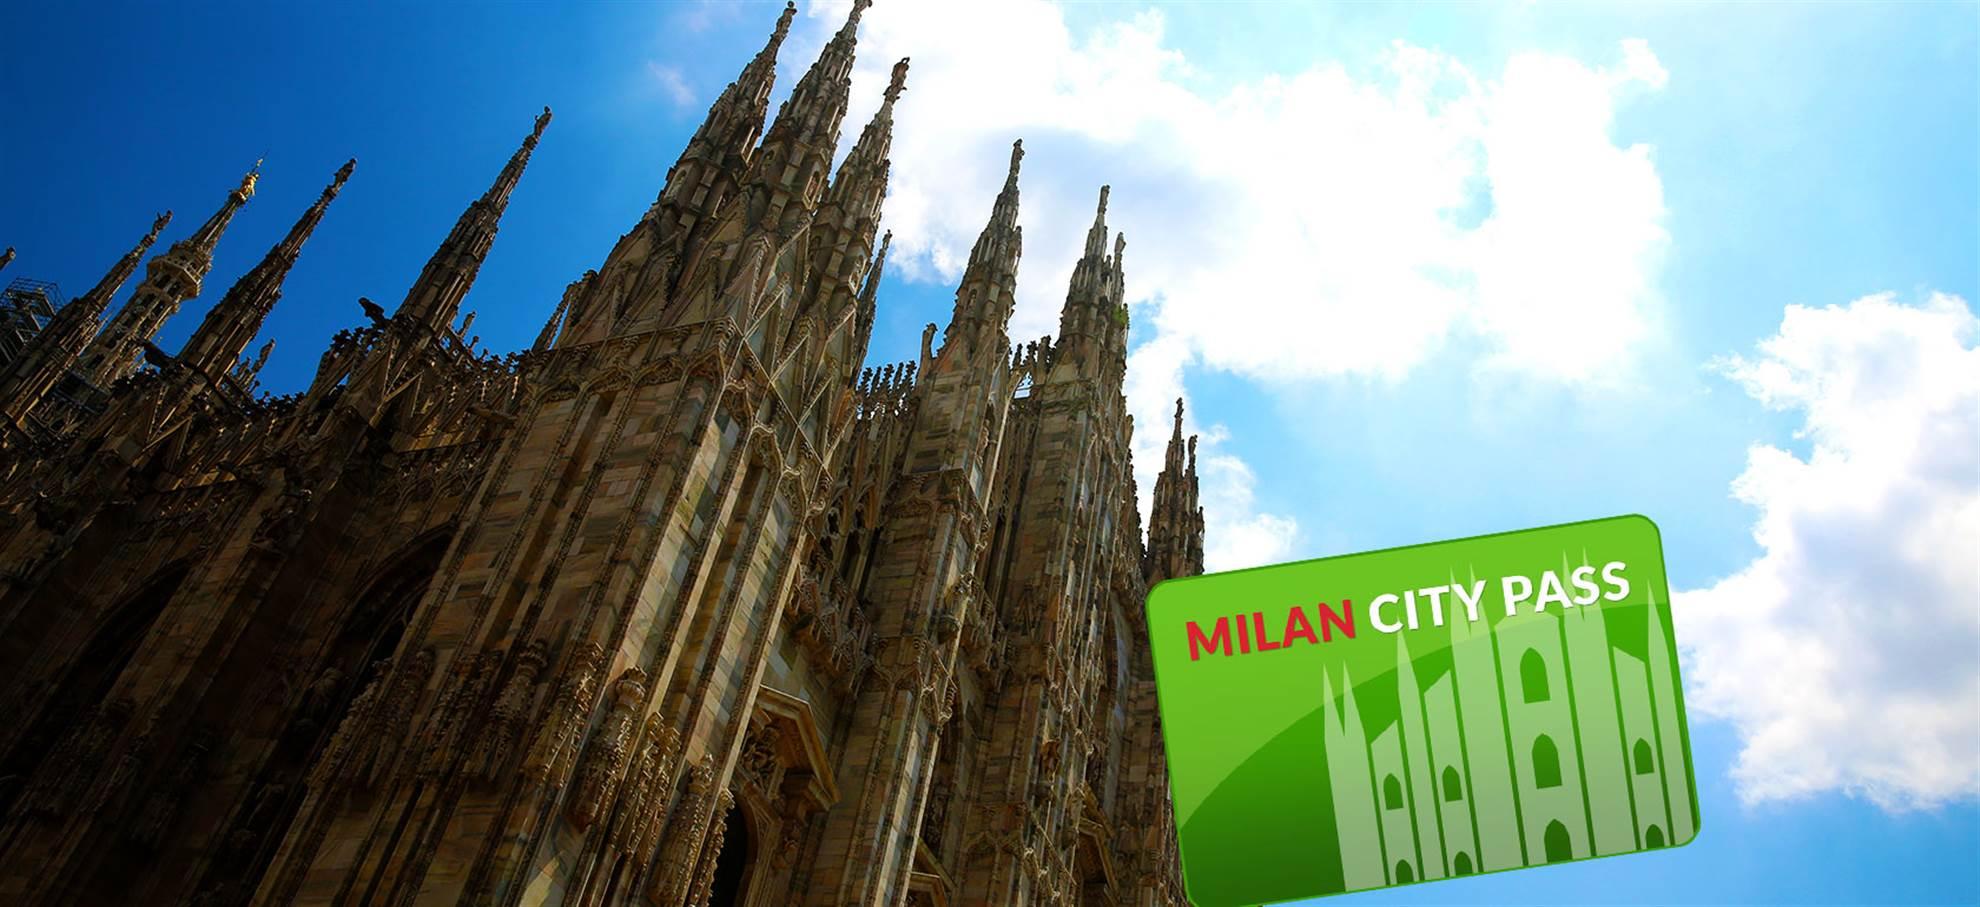 Milán- pase de la ciudad con última cena (incluye transporte del aeropuerto)